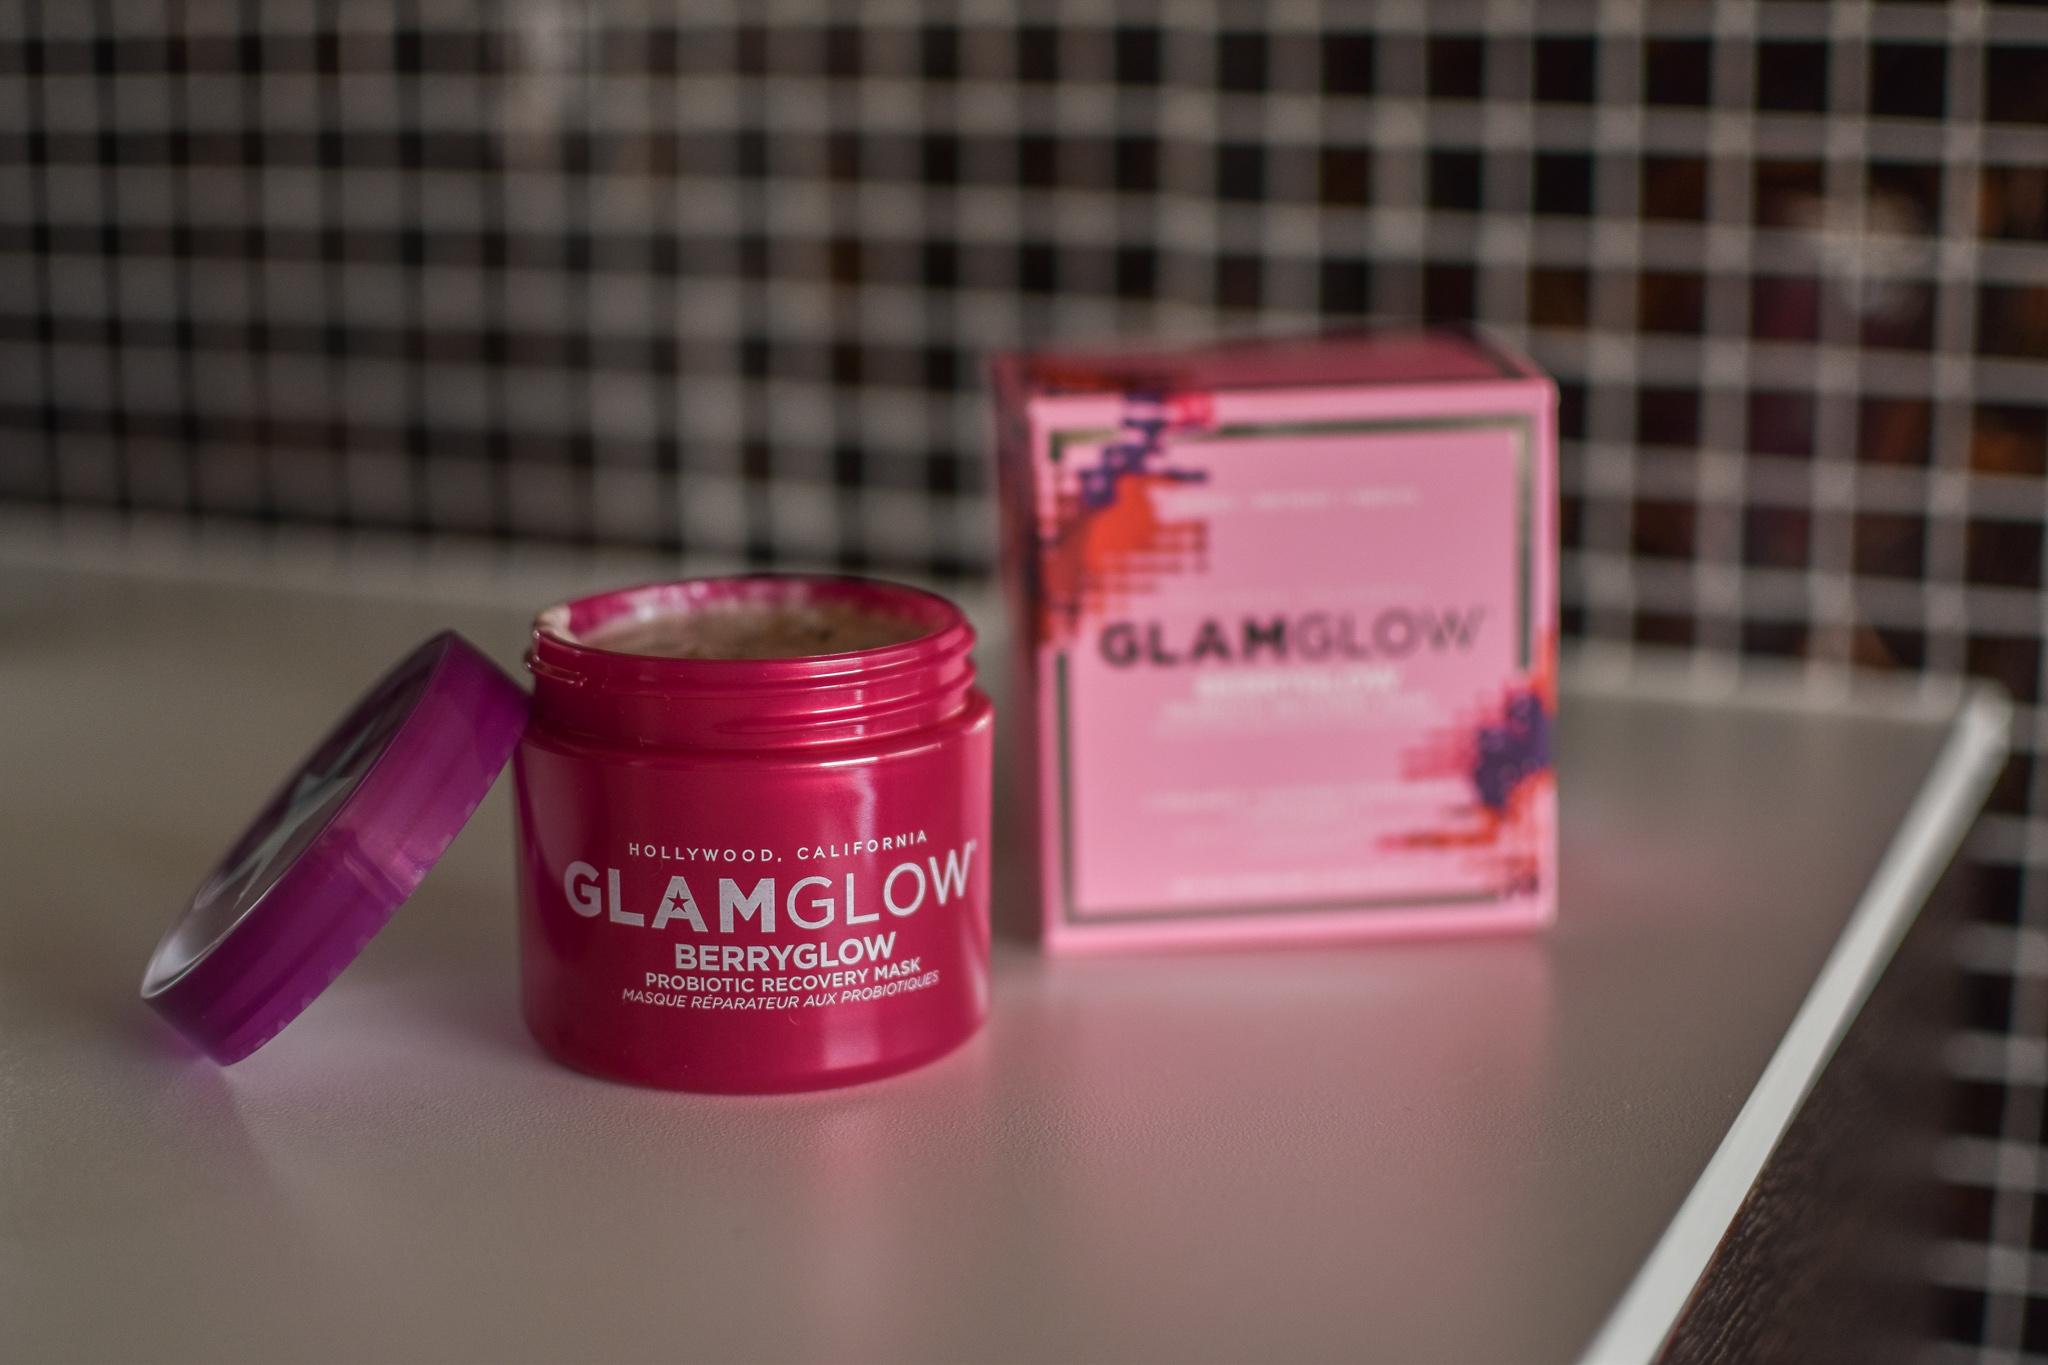 Glamglow - Berryglow